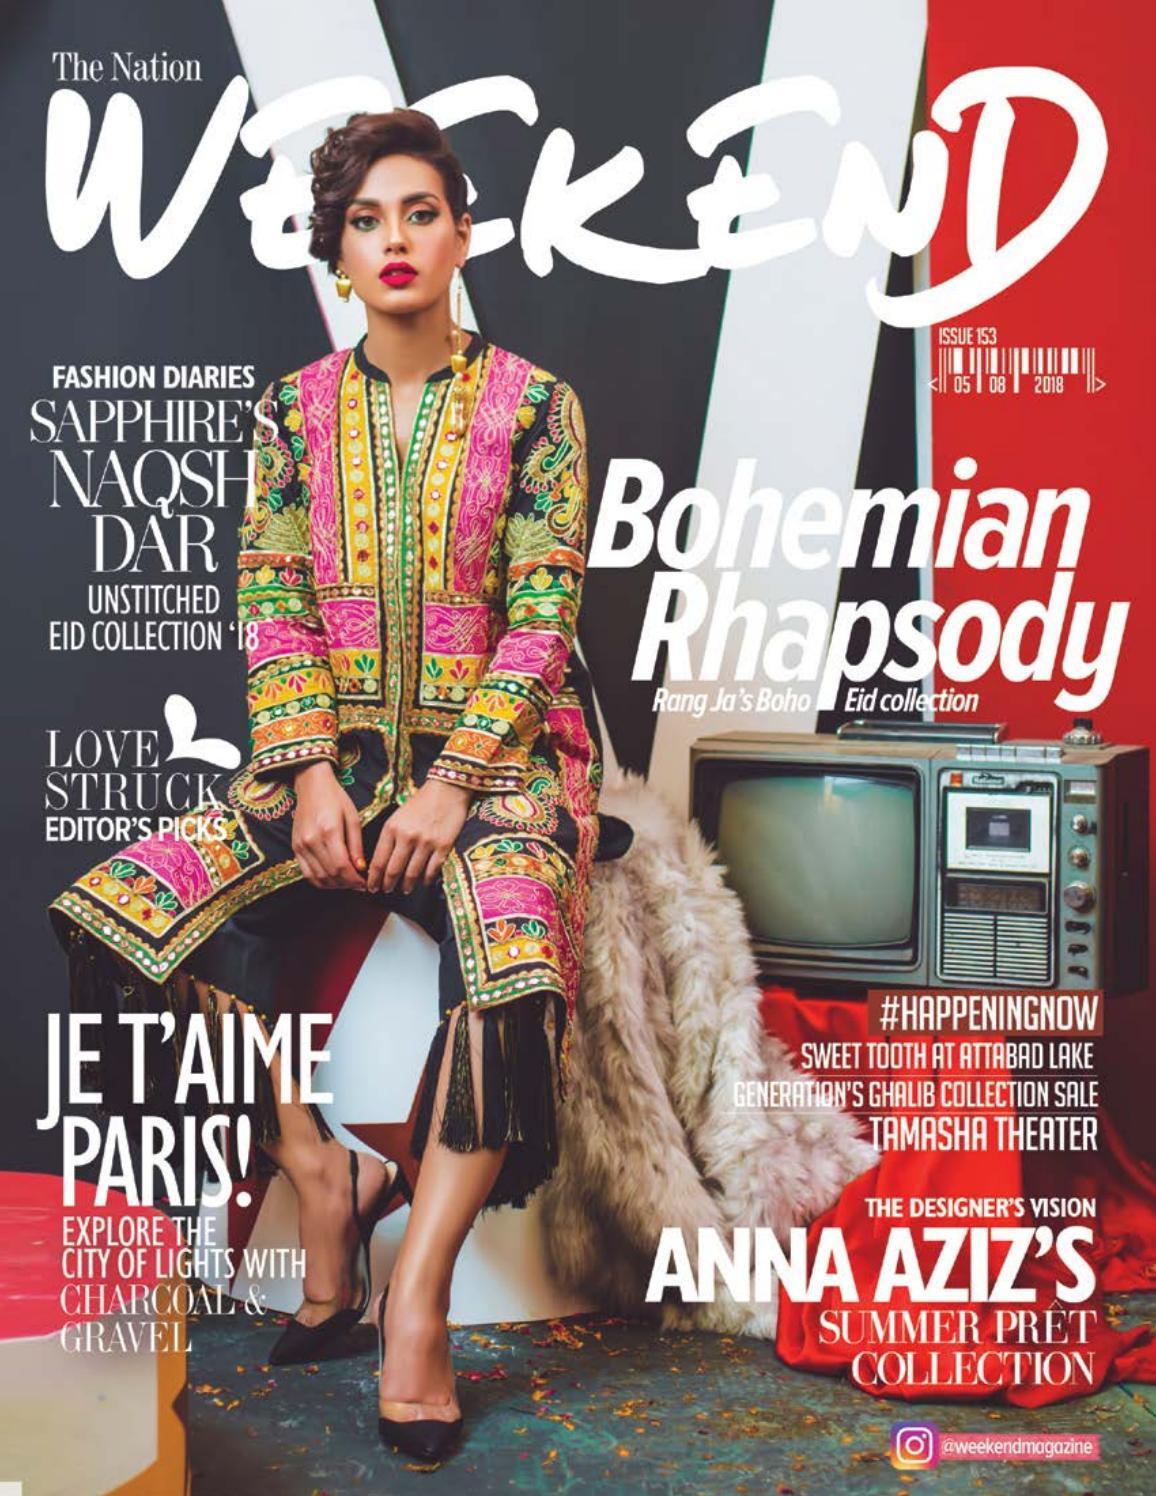 Weekend Magzine 05 August 2018 By Weekend Issuu